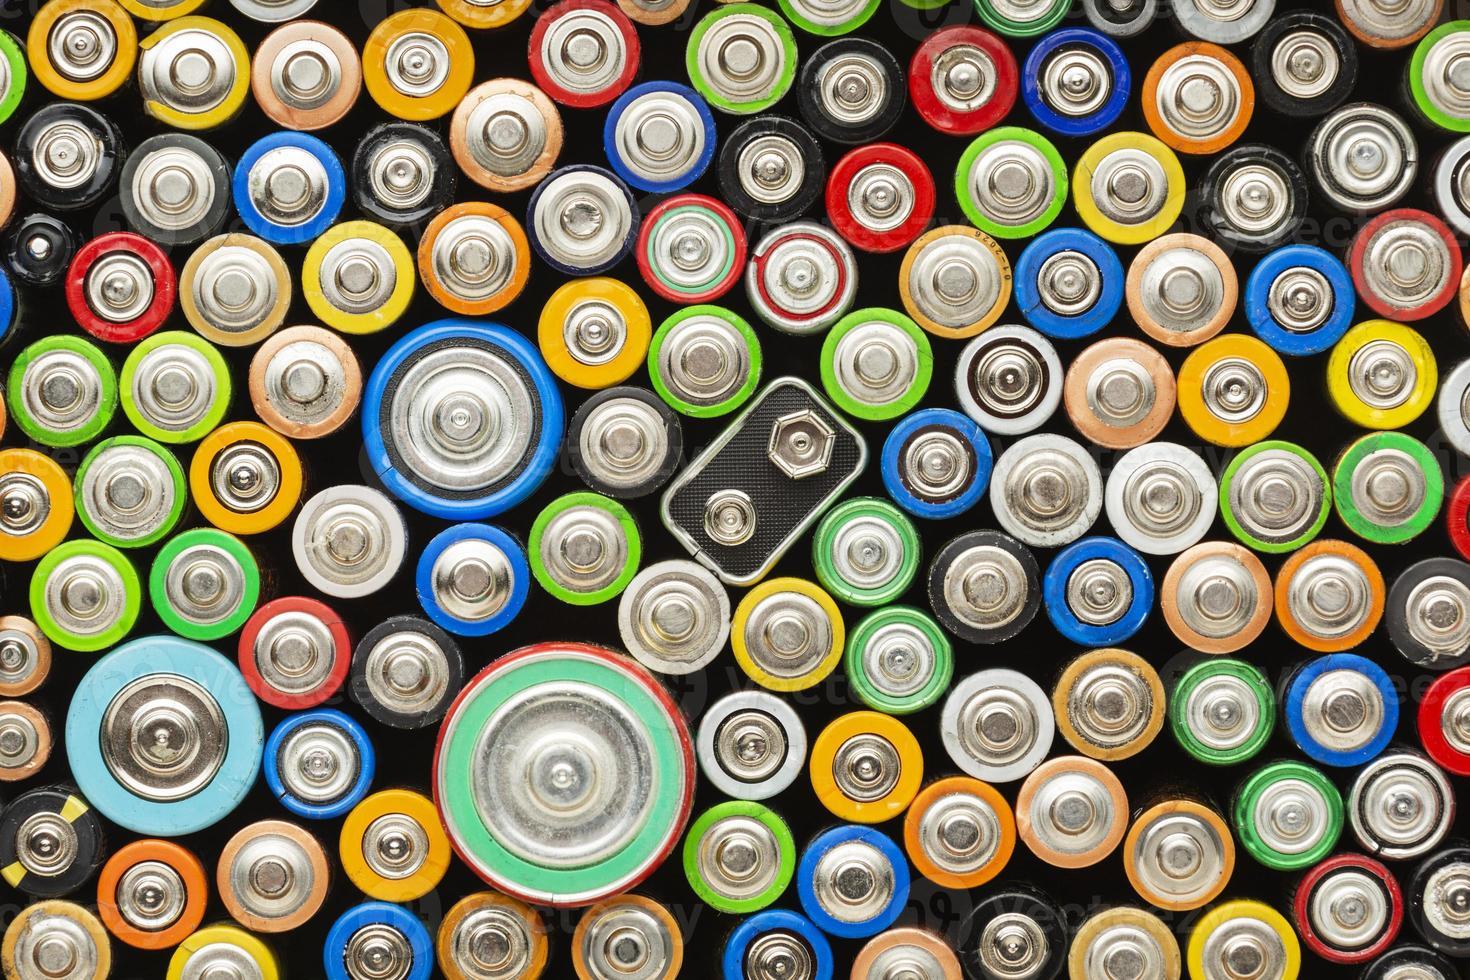 batteri föroreningar avfall koncept foto